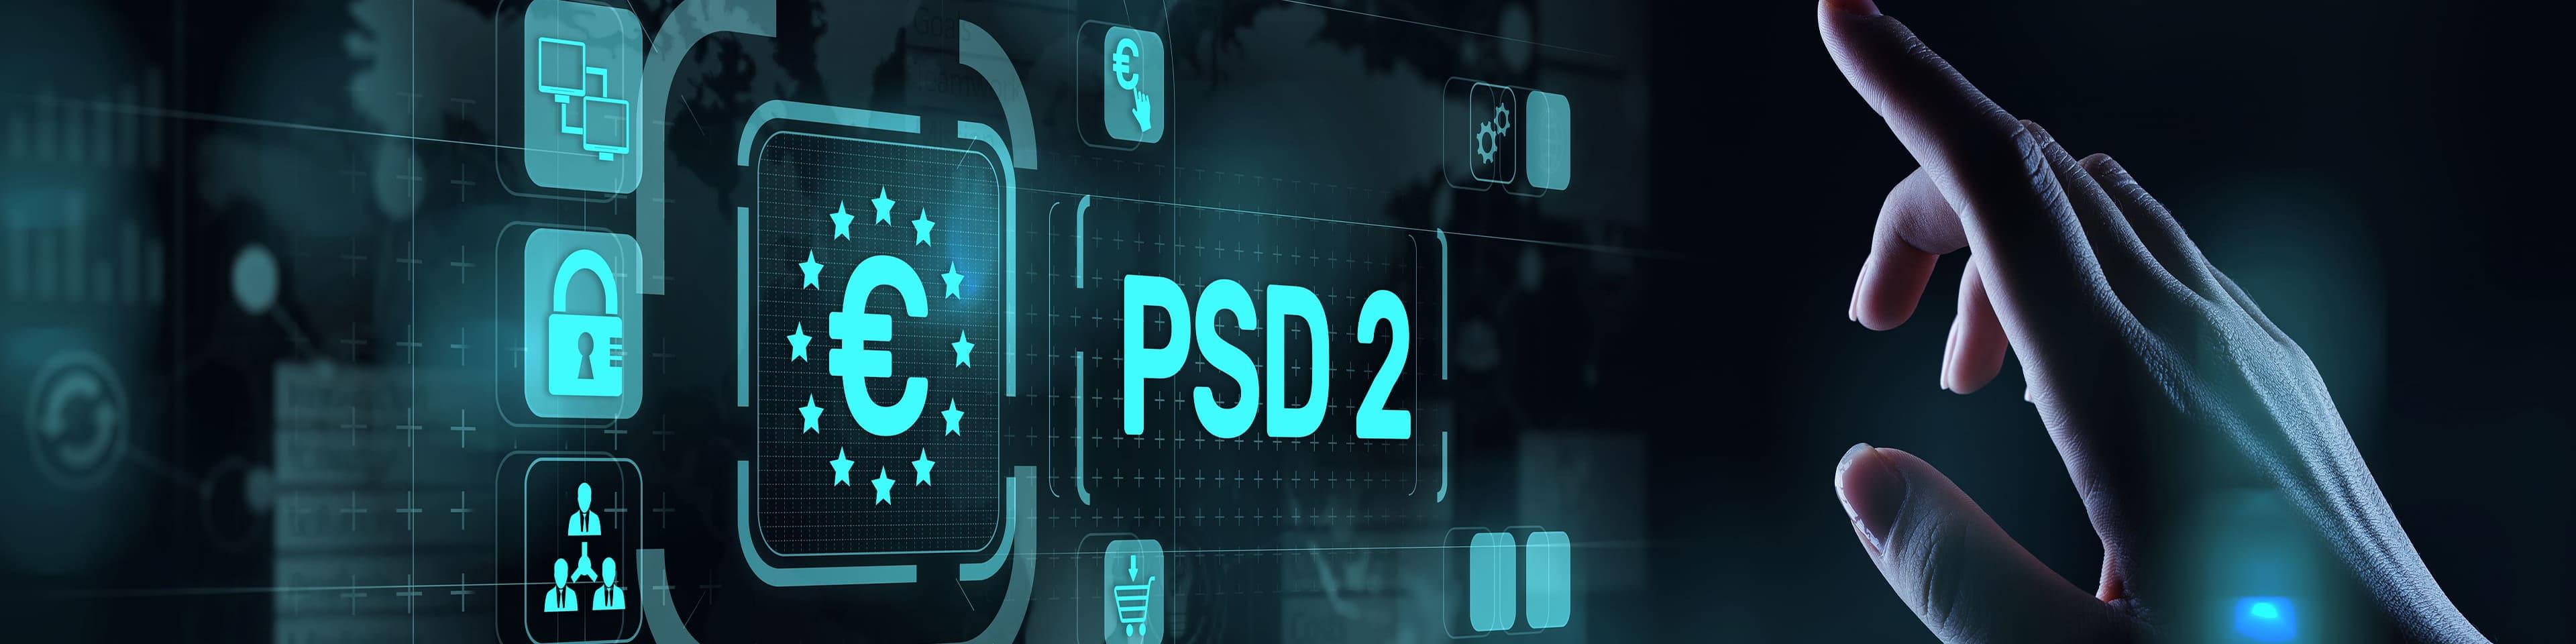 Wolters Kluwer Tax & Accounting heeft PSD2-licentie ontvangen van De Nederlandsche Bank